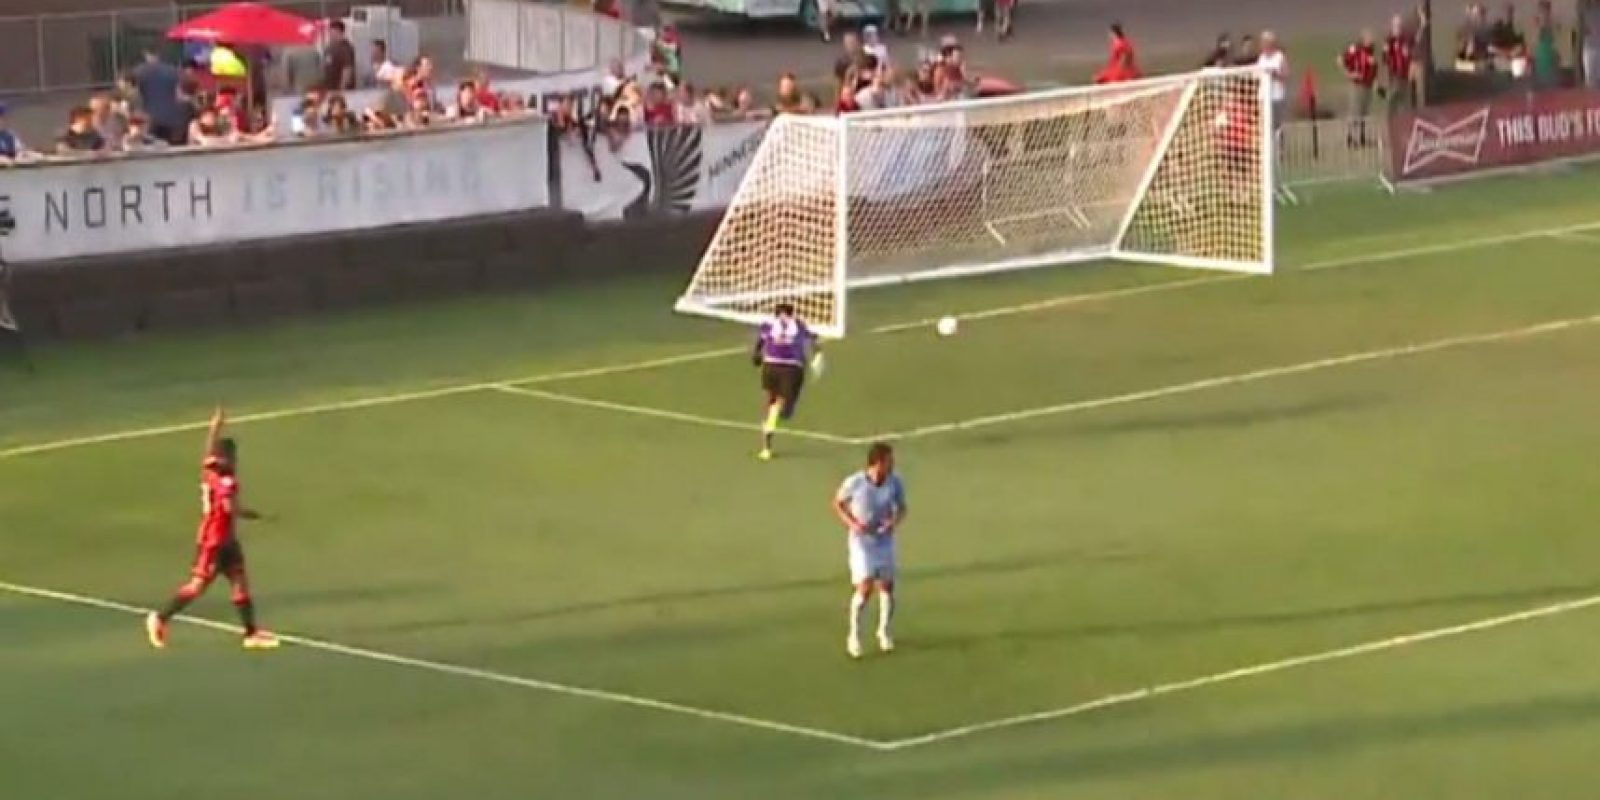 El arquero de Minnesota United FC intentó sacar el balón, pero la envió a su propio arco Foto:Captura de pantalla